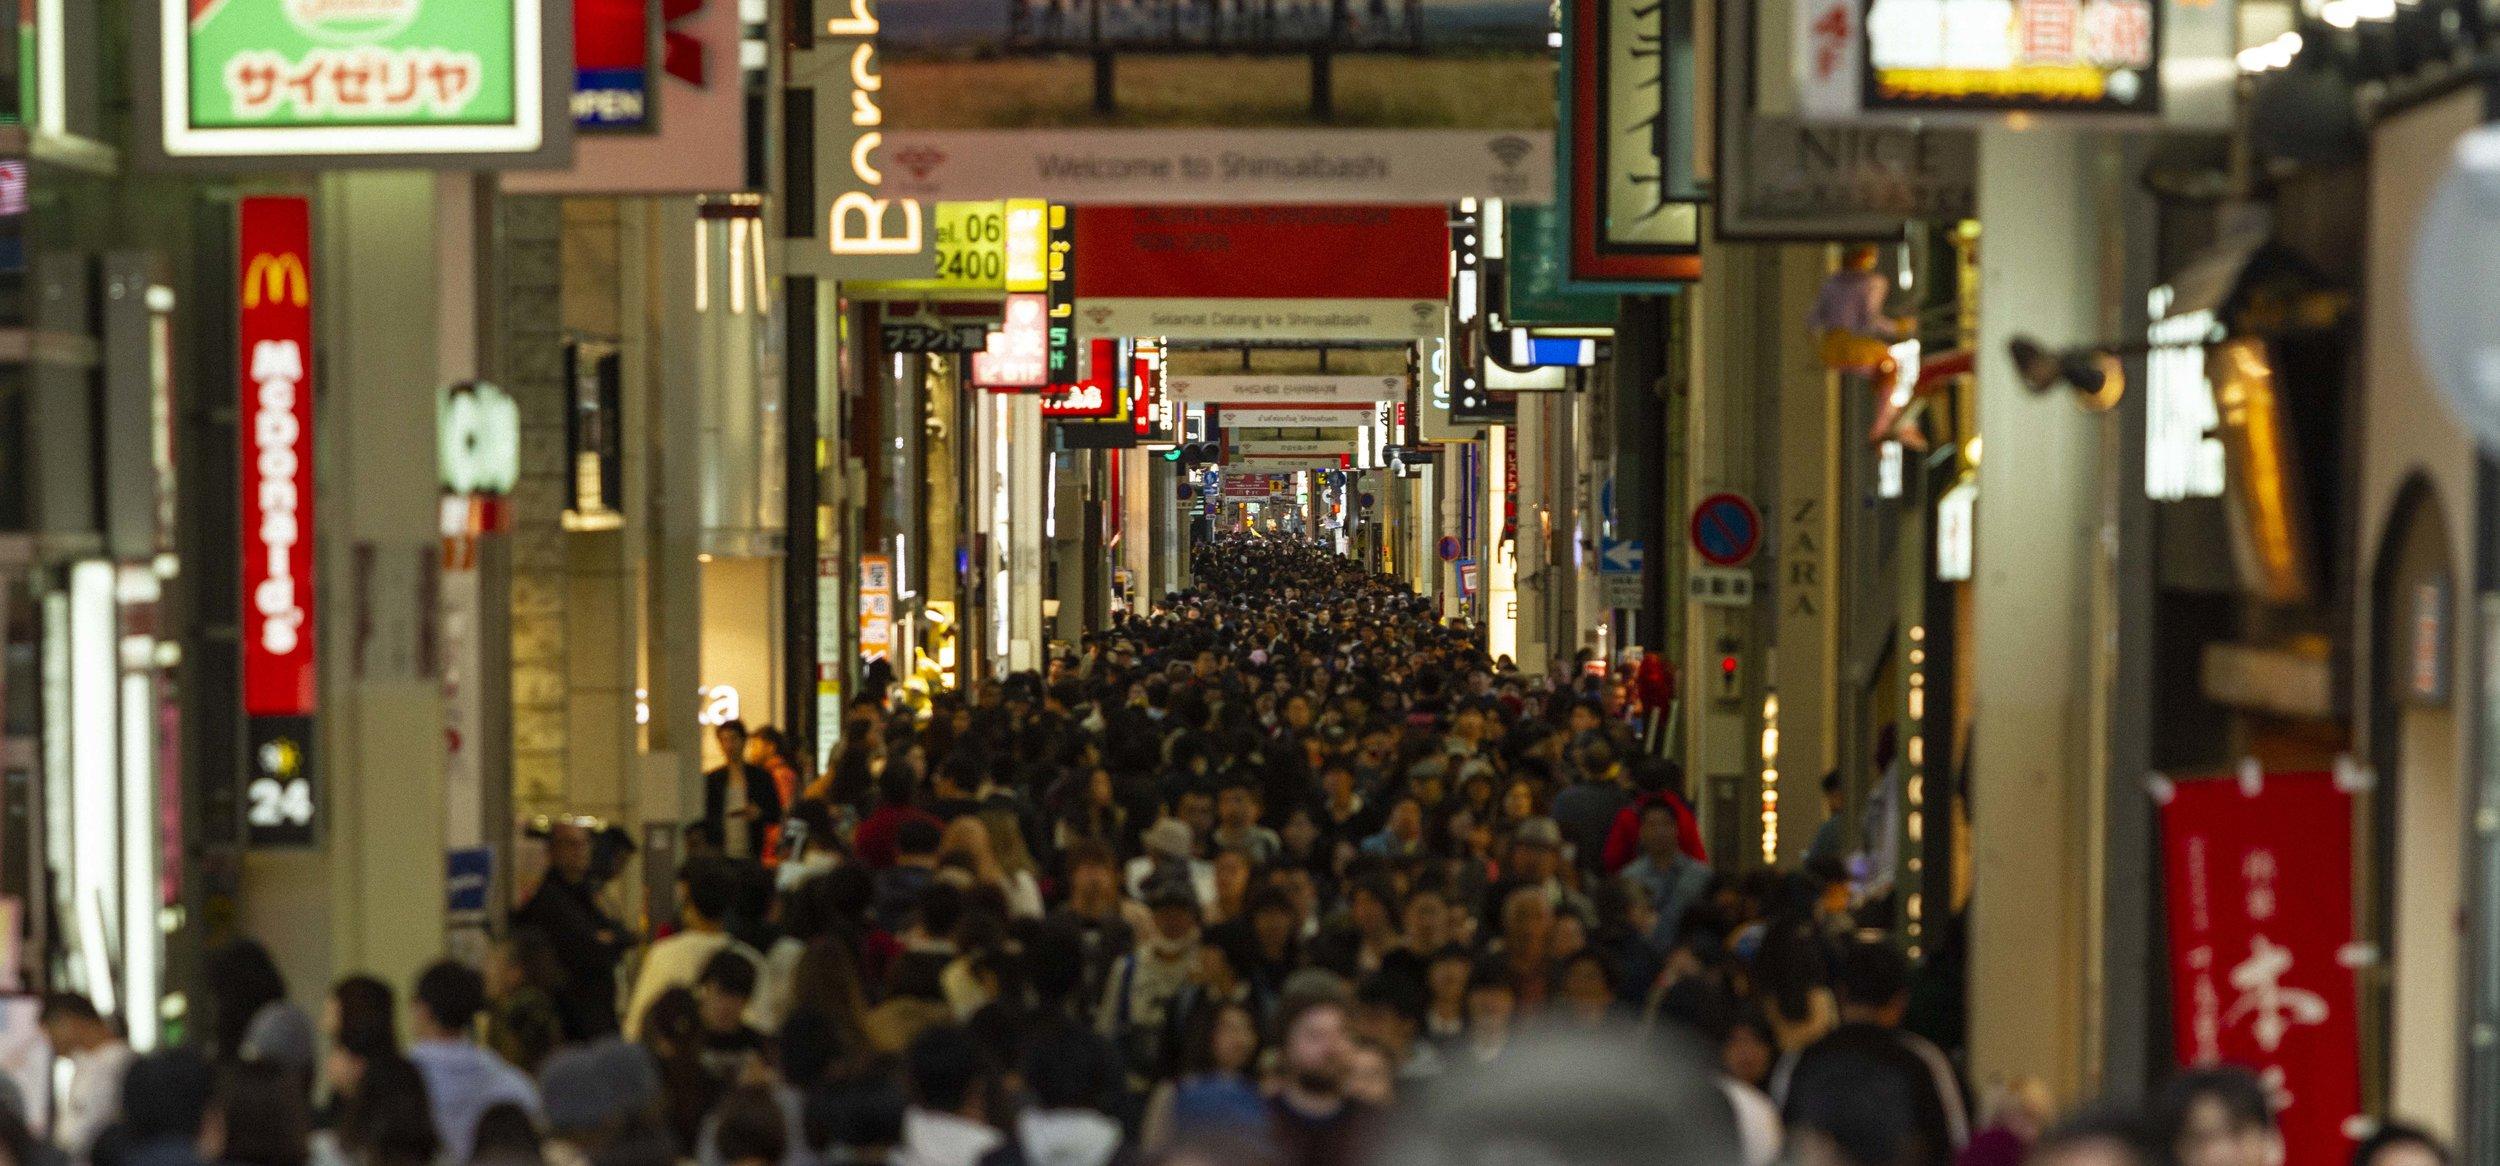 Shinsaibashisuji shopping alley in Osaka